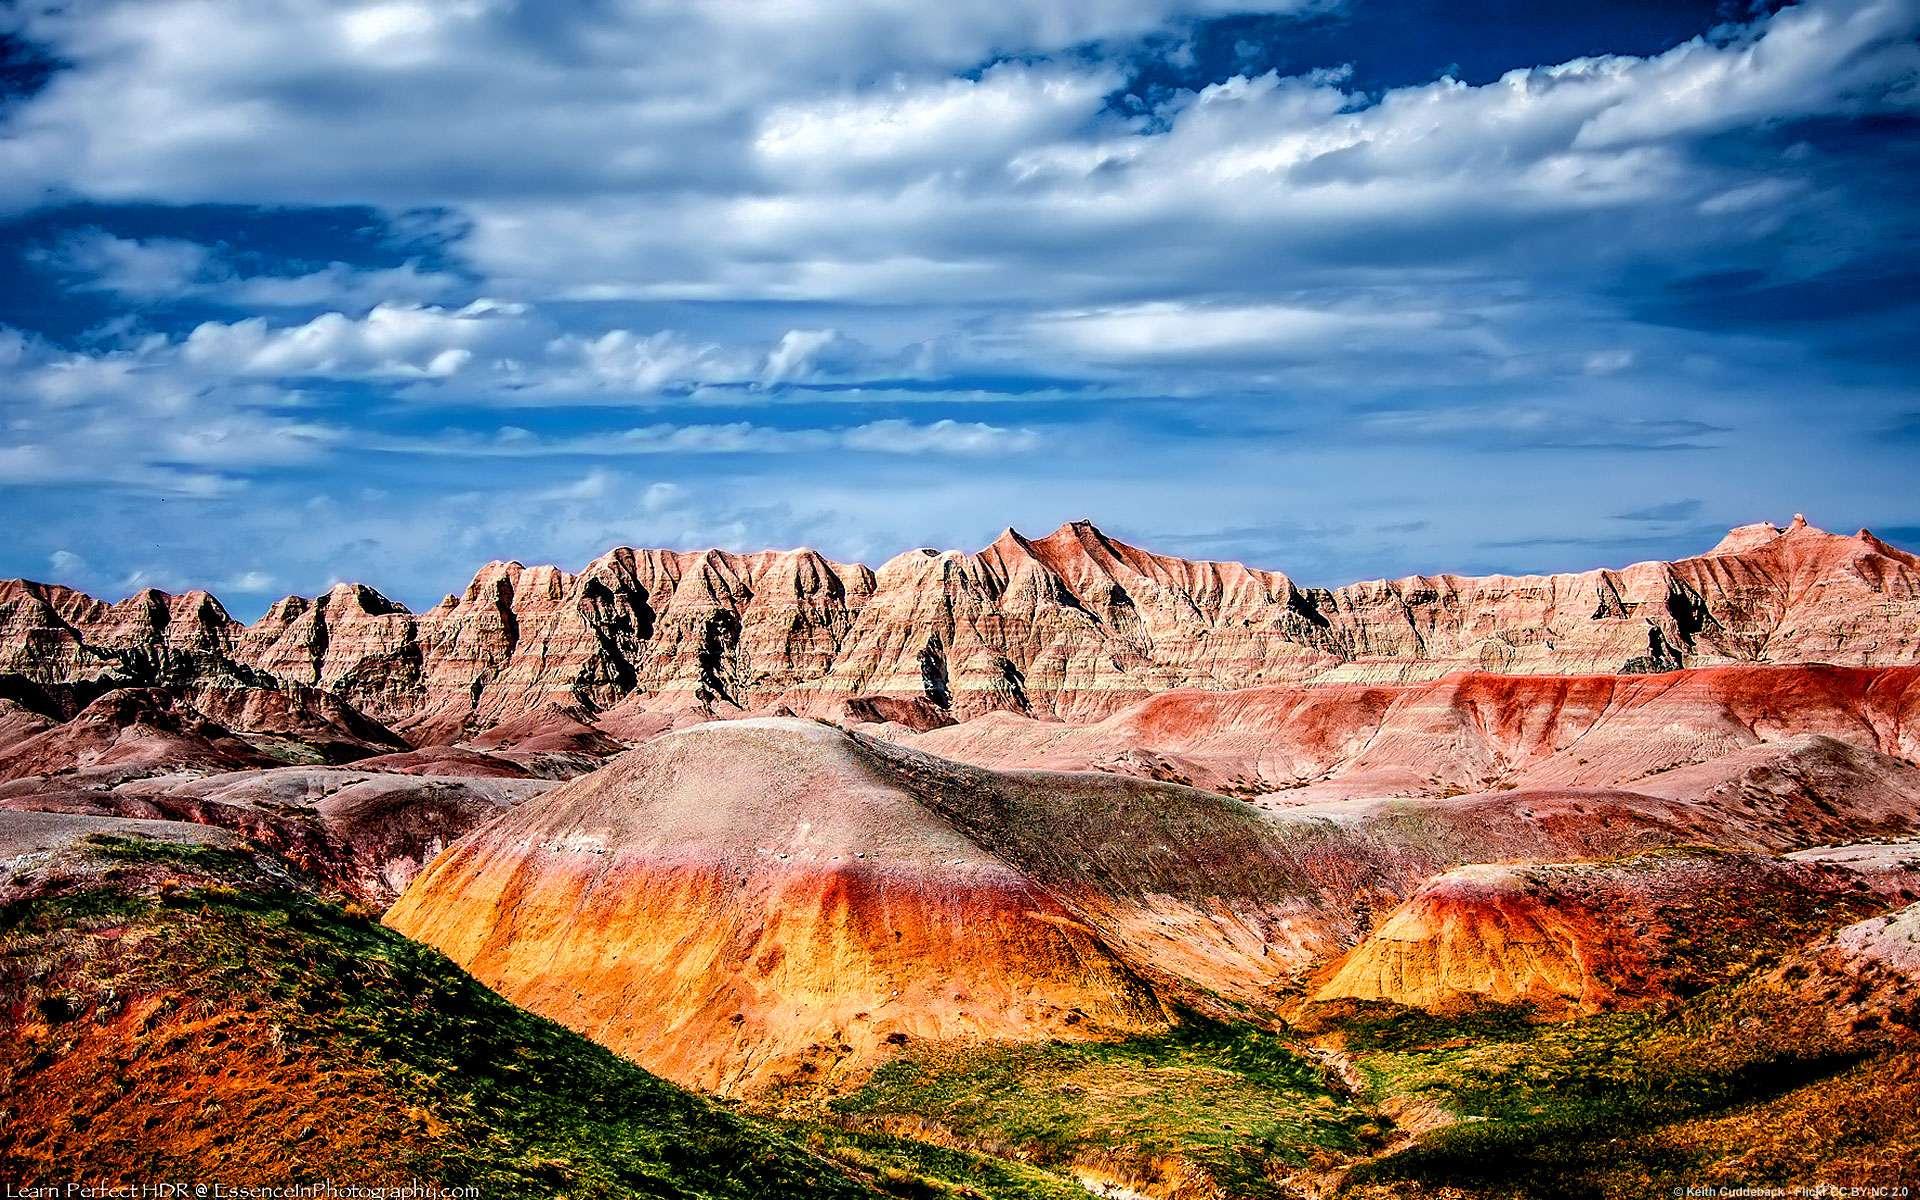 Situé dans le Dakota du Sud, le parc national des Badlands (« mauvaises terres » en français) tient son nom de son paysage extrême ressemblant à une vallée lunaire au fond de laquelle coule la rivière Red Deer. Localisation : Dakota du Sud. © Keith Cuddeback, Flickr, CC by-nc-nd 2.0